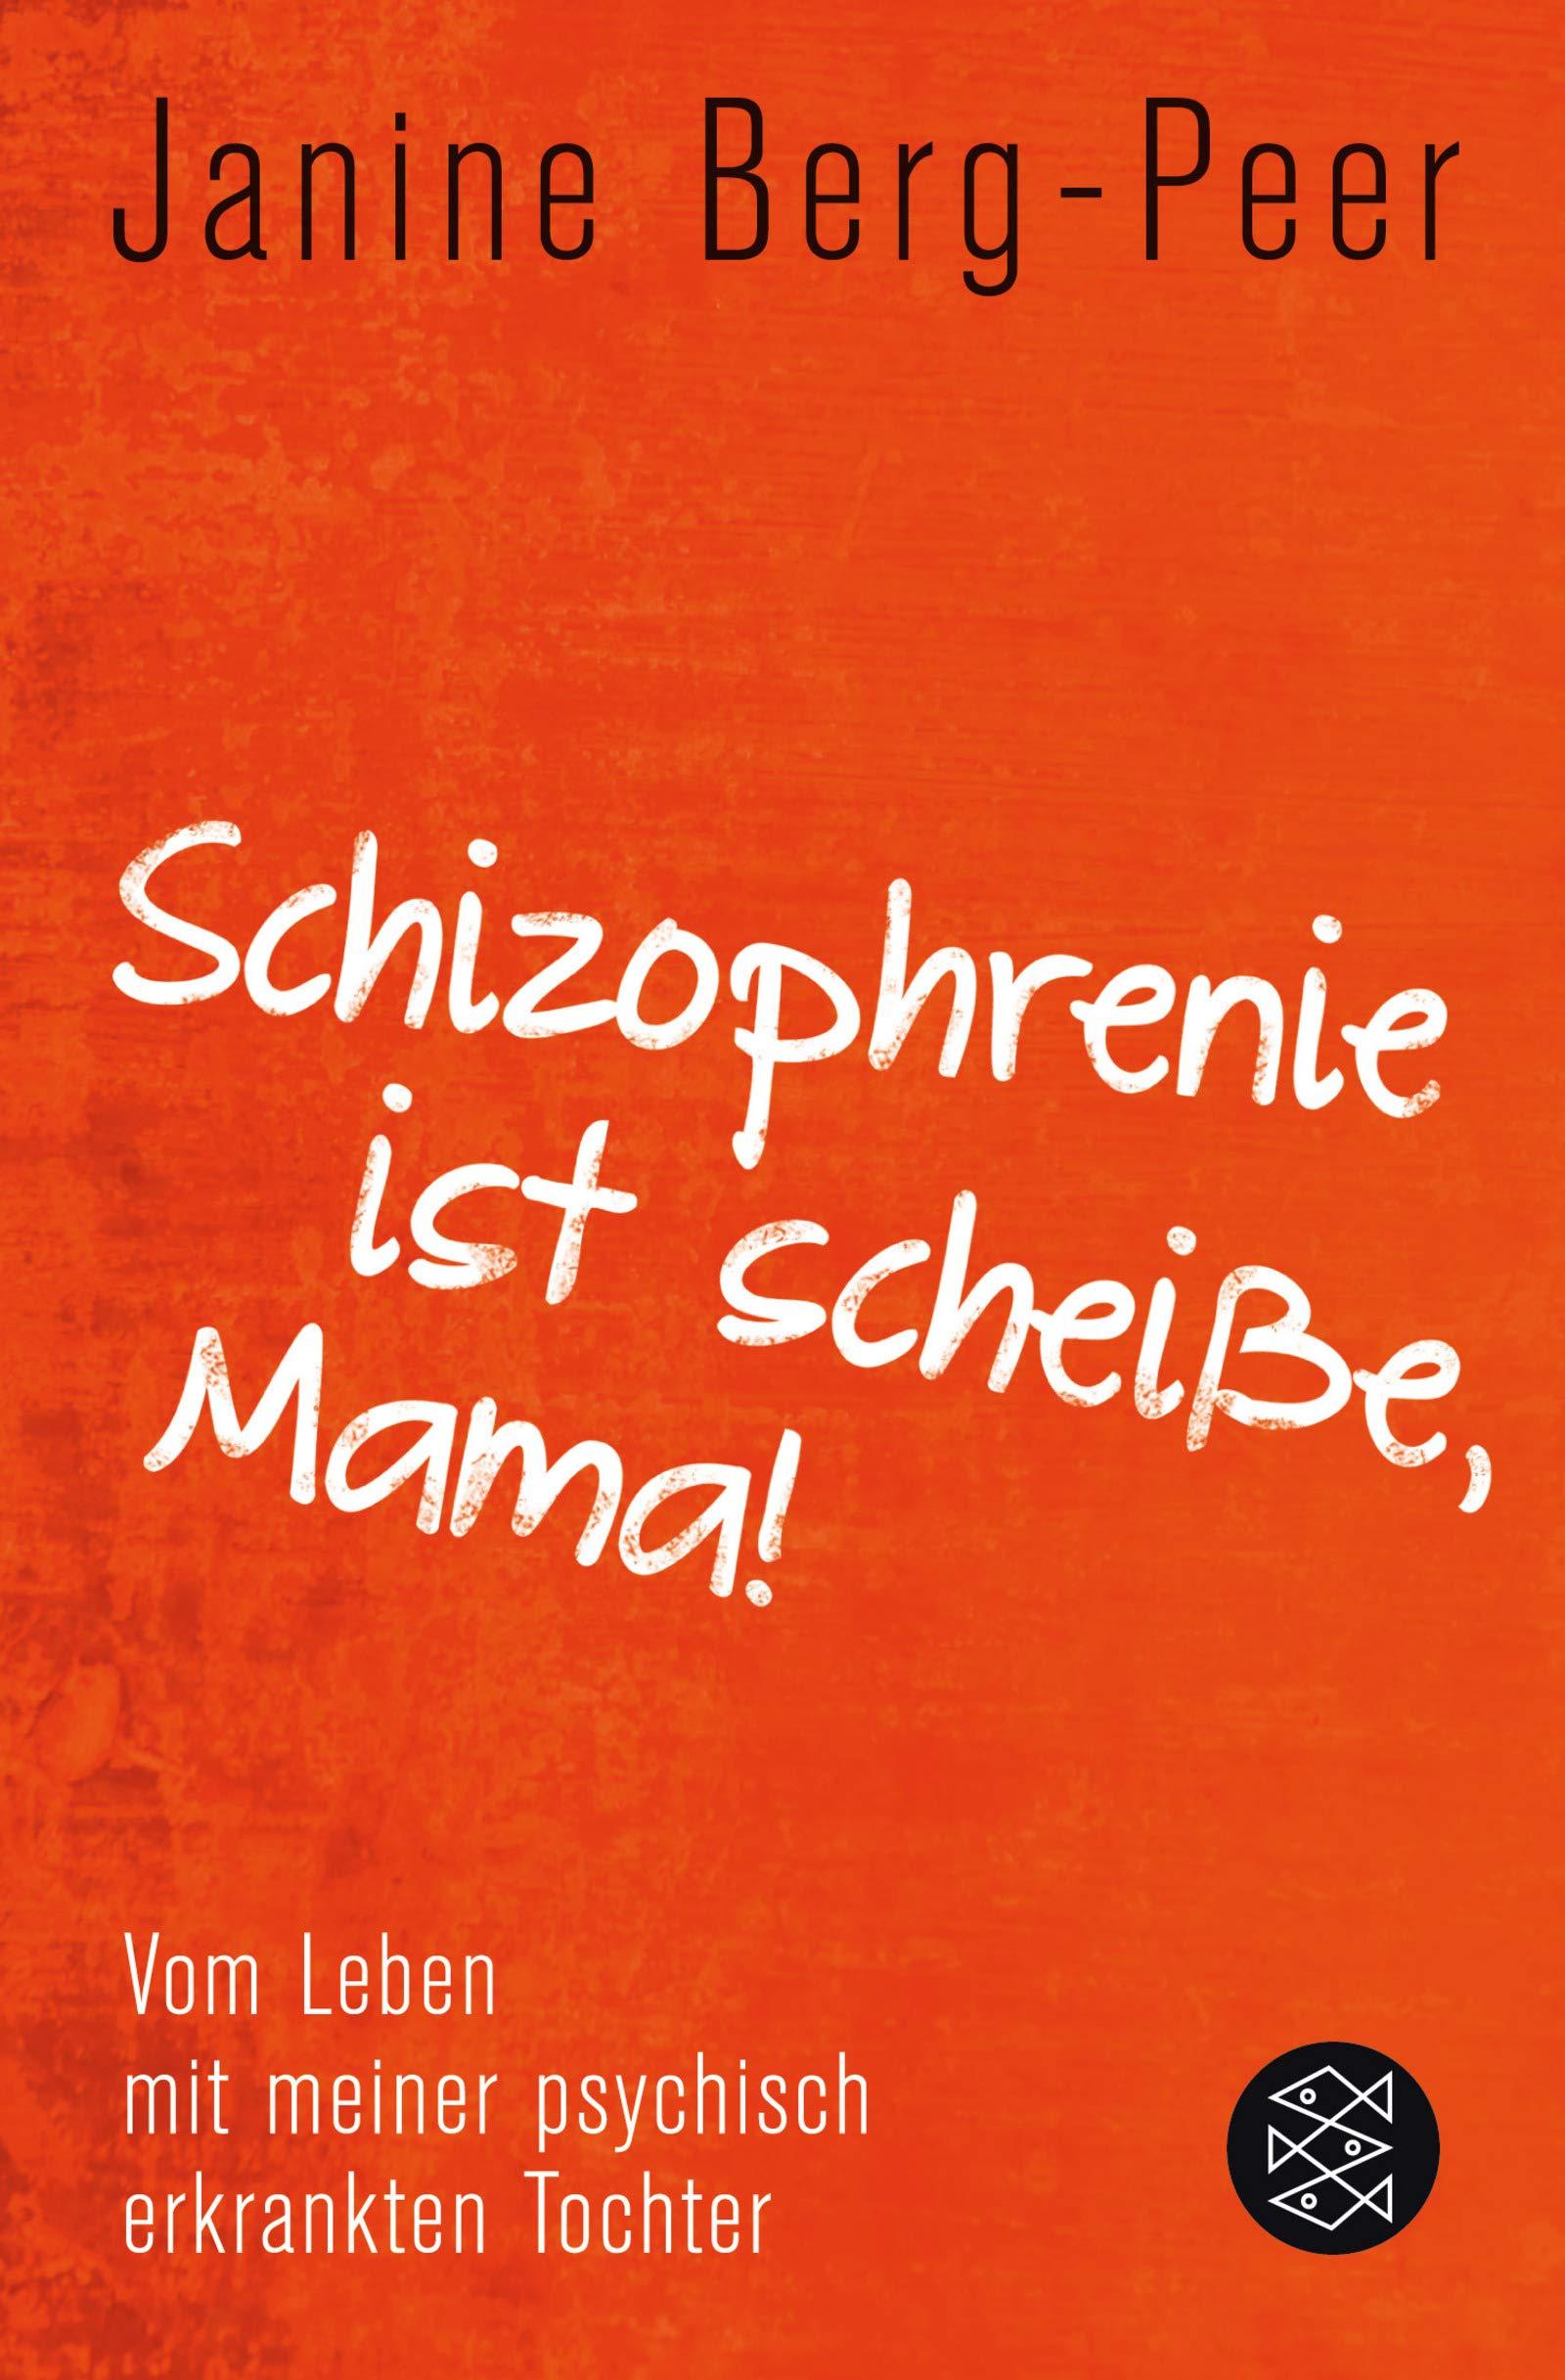 Papa Leben Mit Einer Schizophrenen Tochter ... Mutig Ich Will Doch Bloß Sterben Bücher